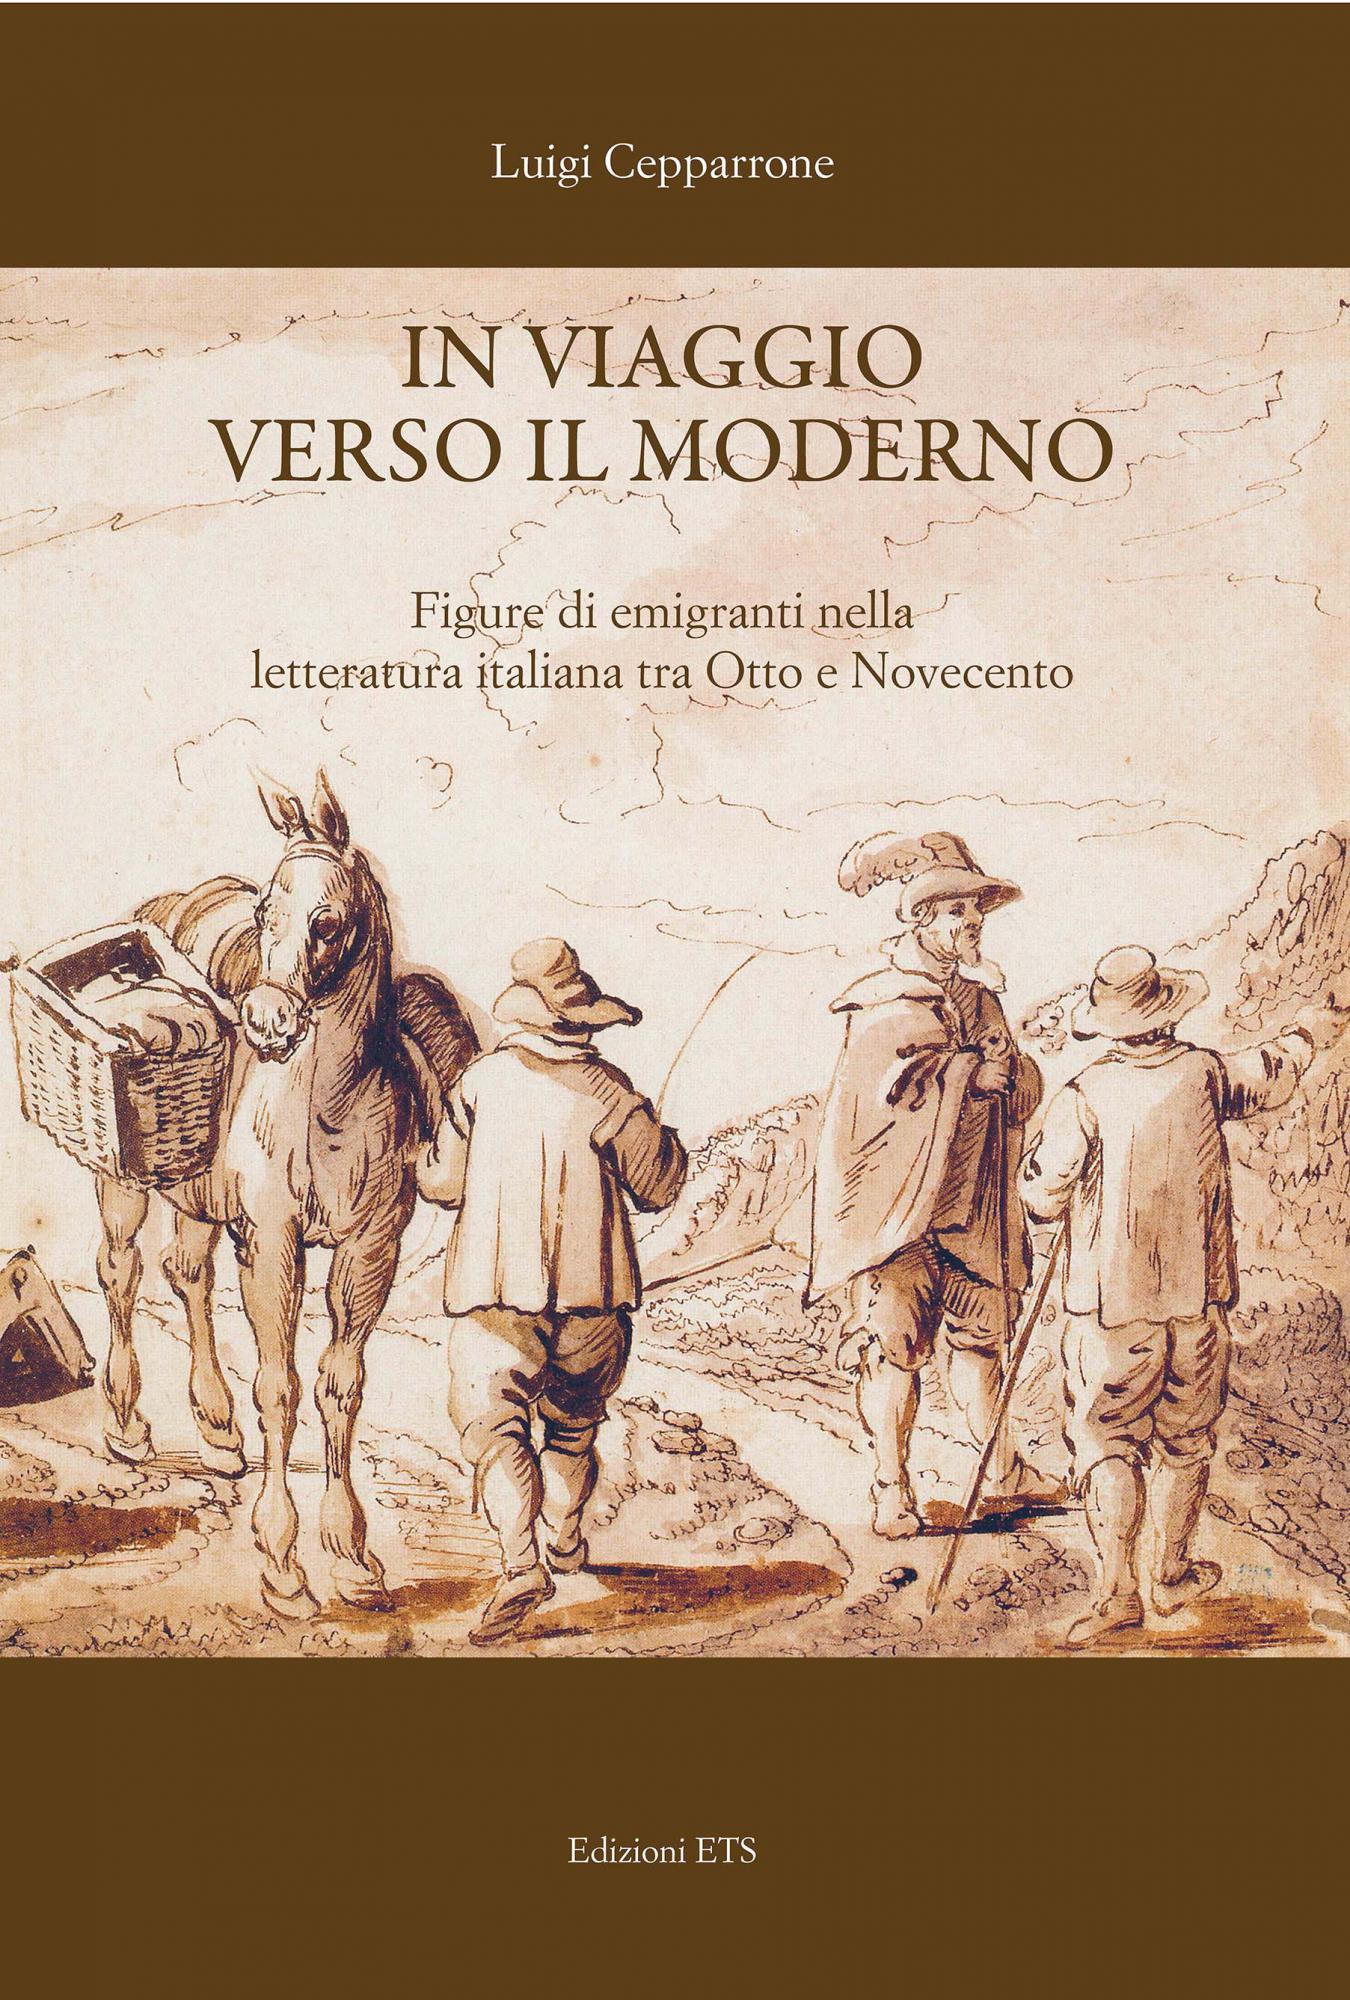 In viaggio verso il moderno.Figure di emigranti nella letteratura italiana tra Otto e Novecento